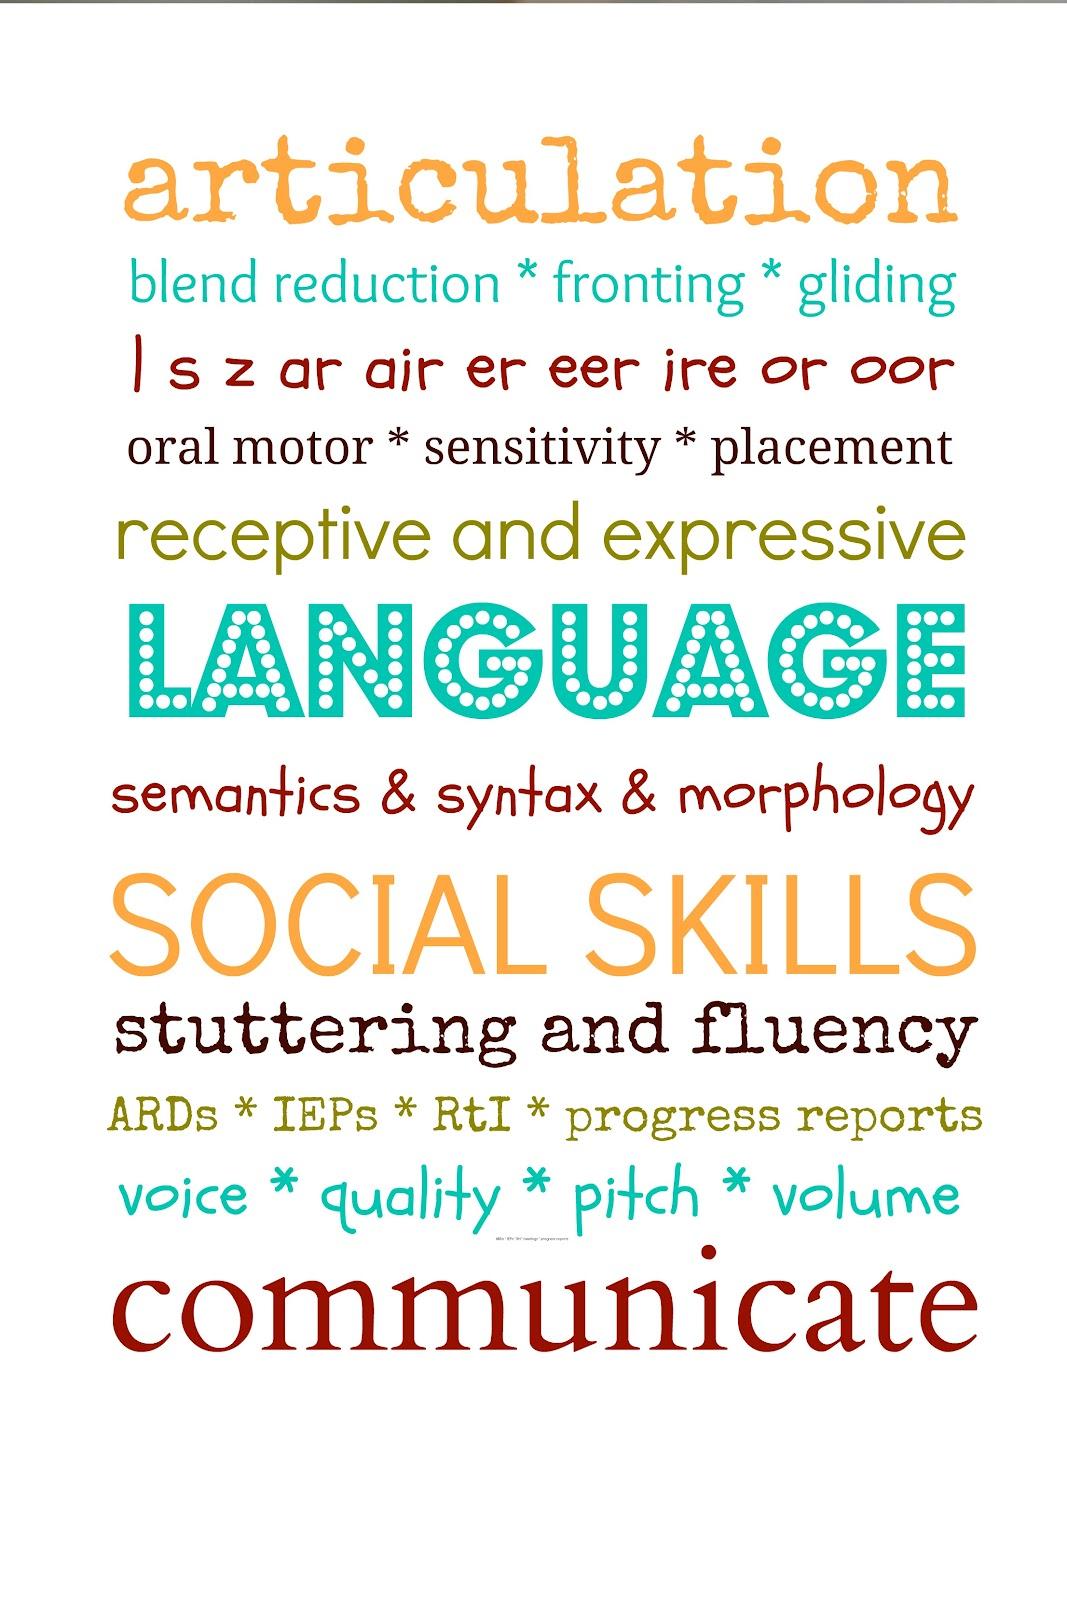 Speech Therapist Quotes. QuotesGram